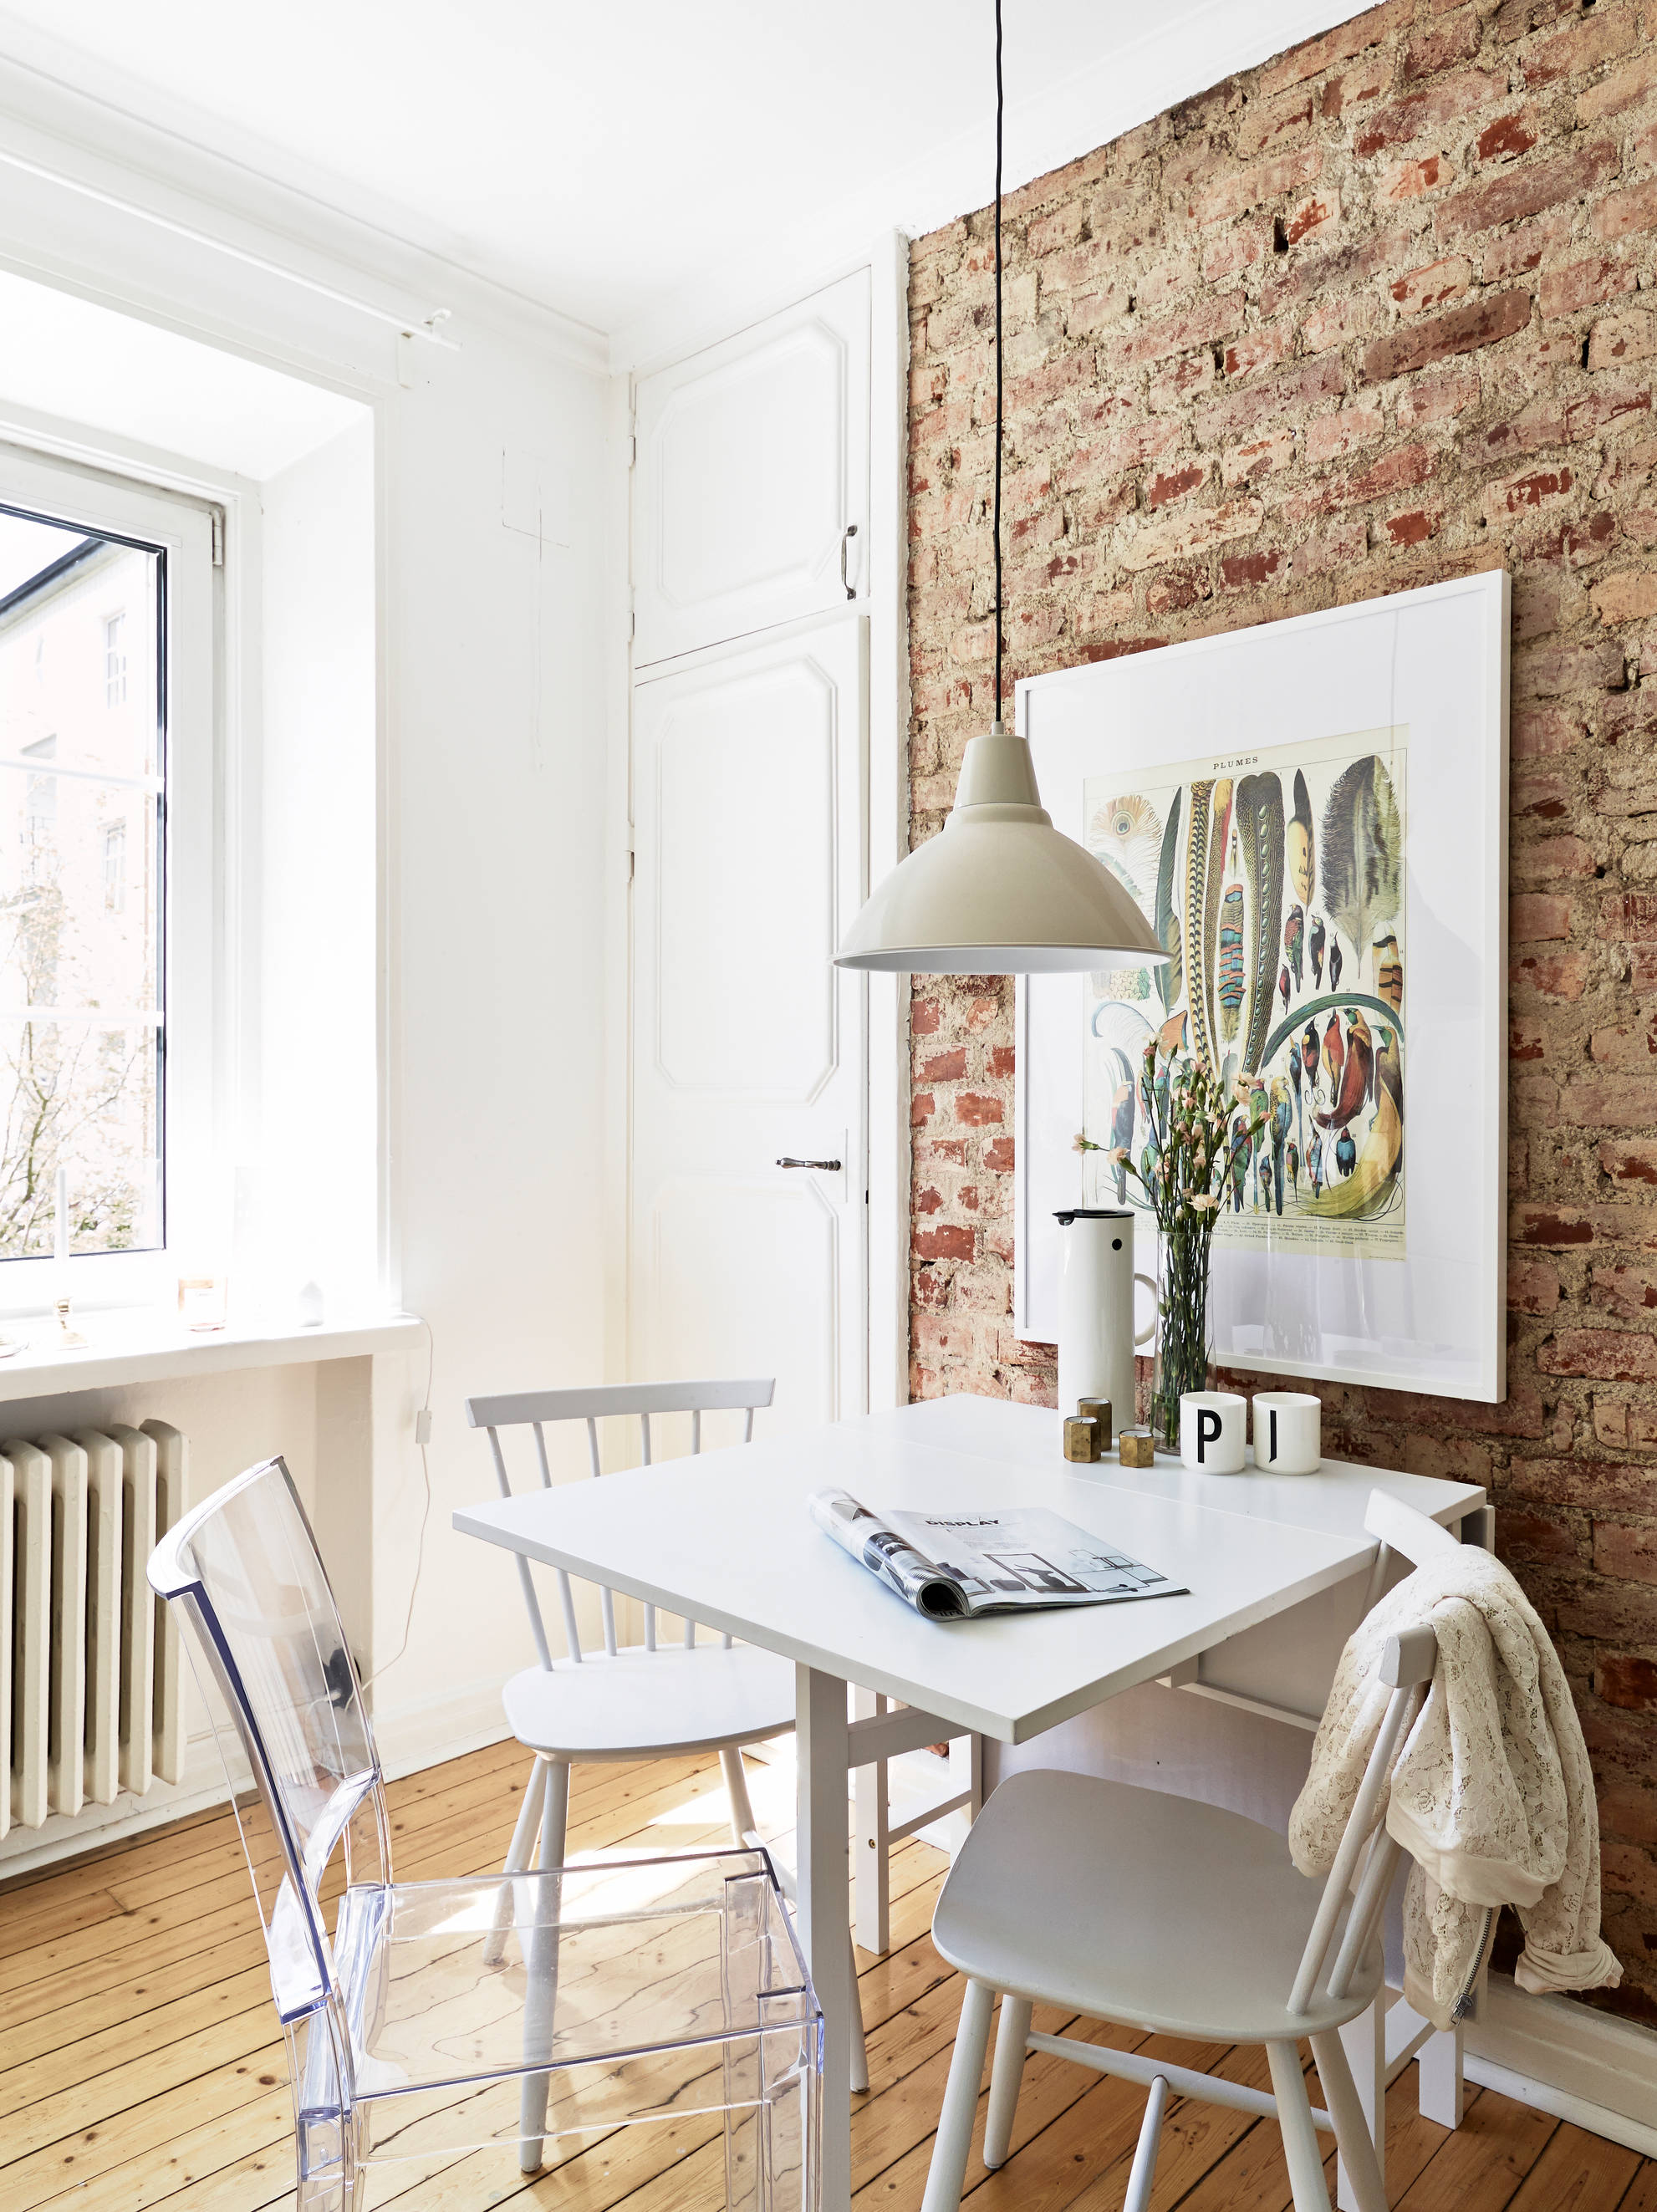 Постер и часы на белой кирпичной стене над обеденной зоной